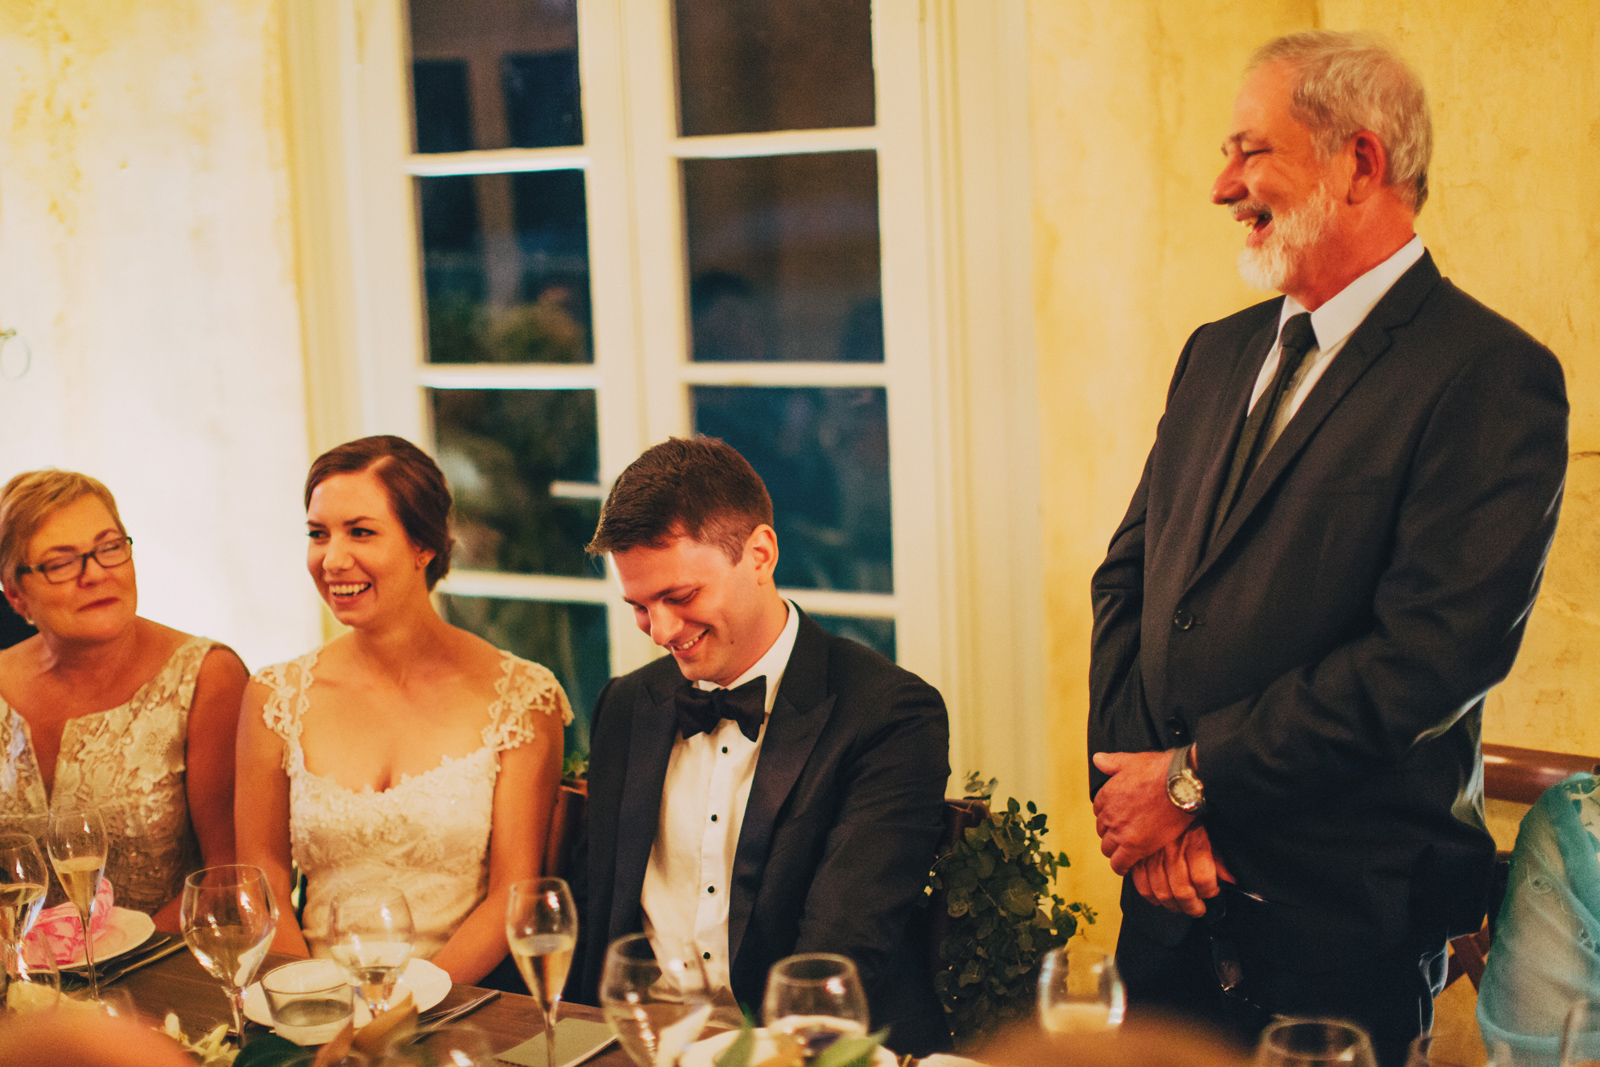 Hilary-&-Darren-Married---0790